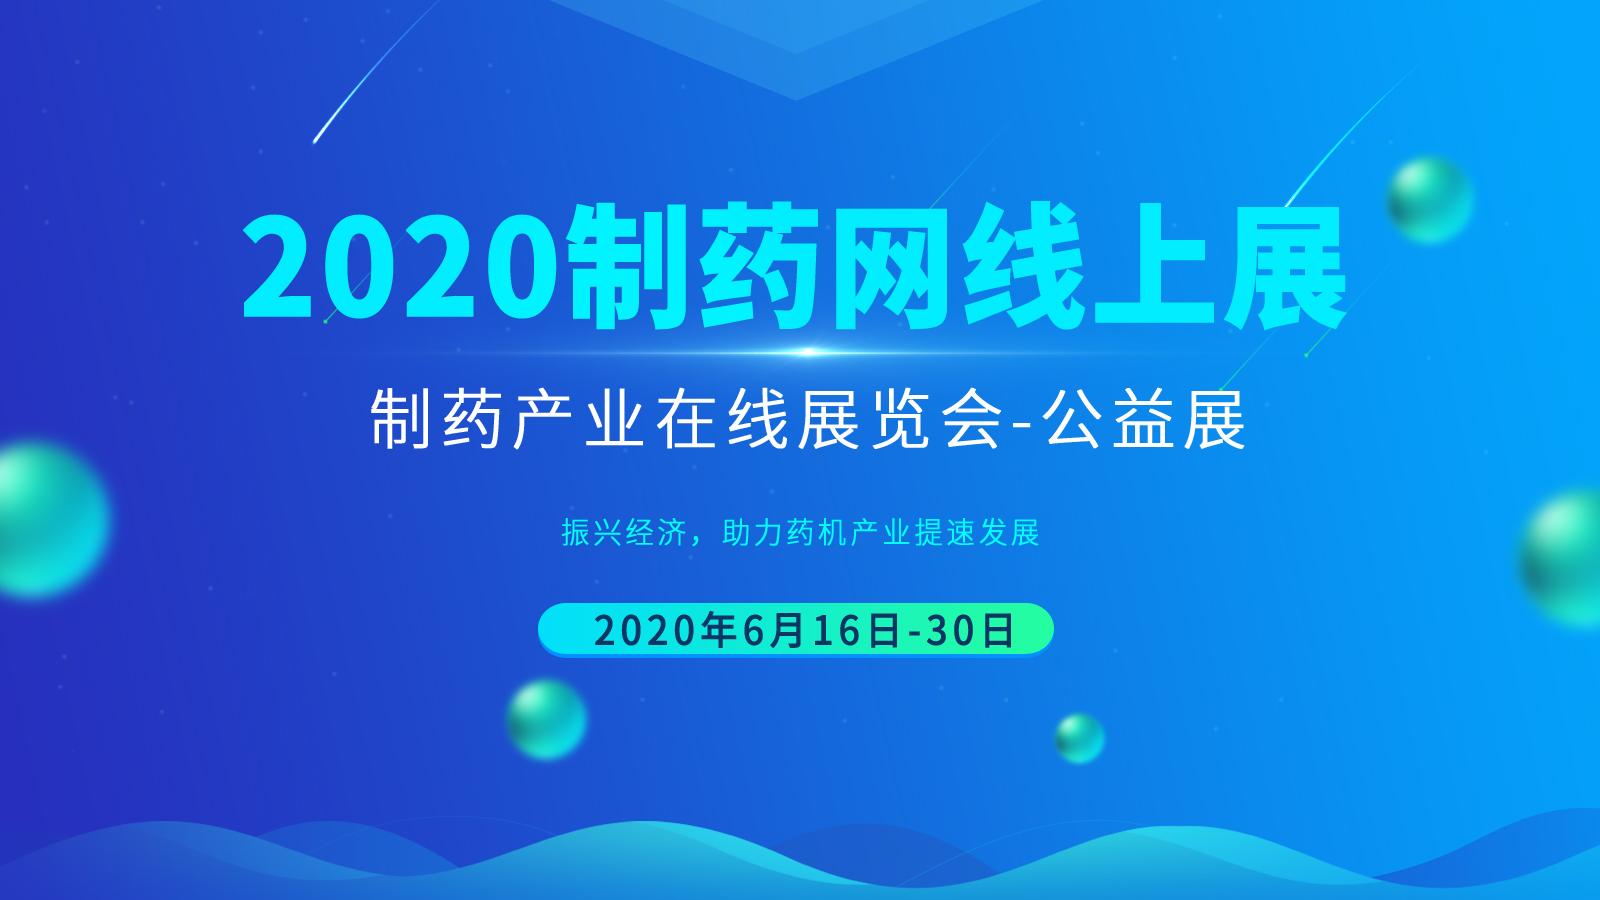 2020制药网免费线上展会优势快闪